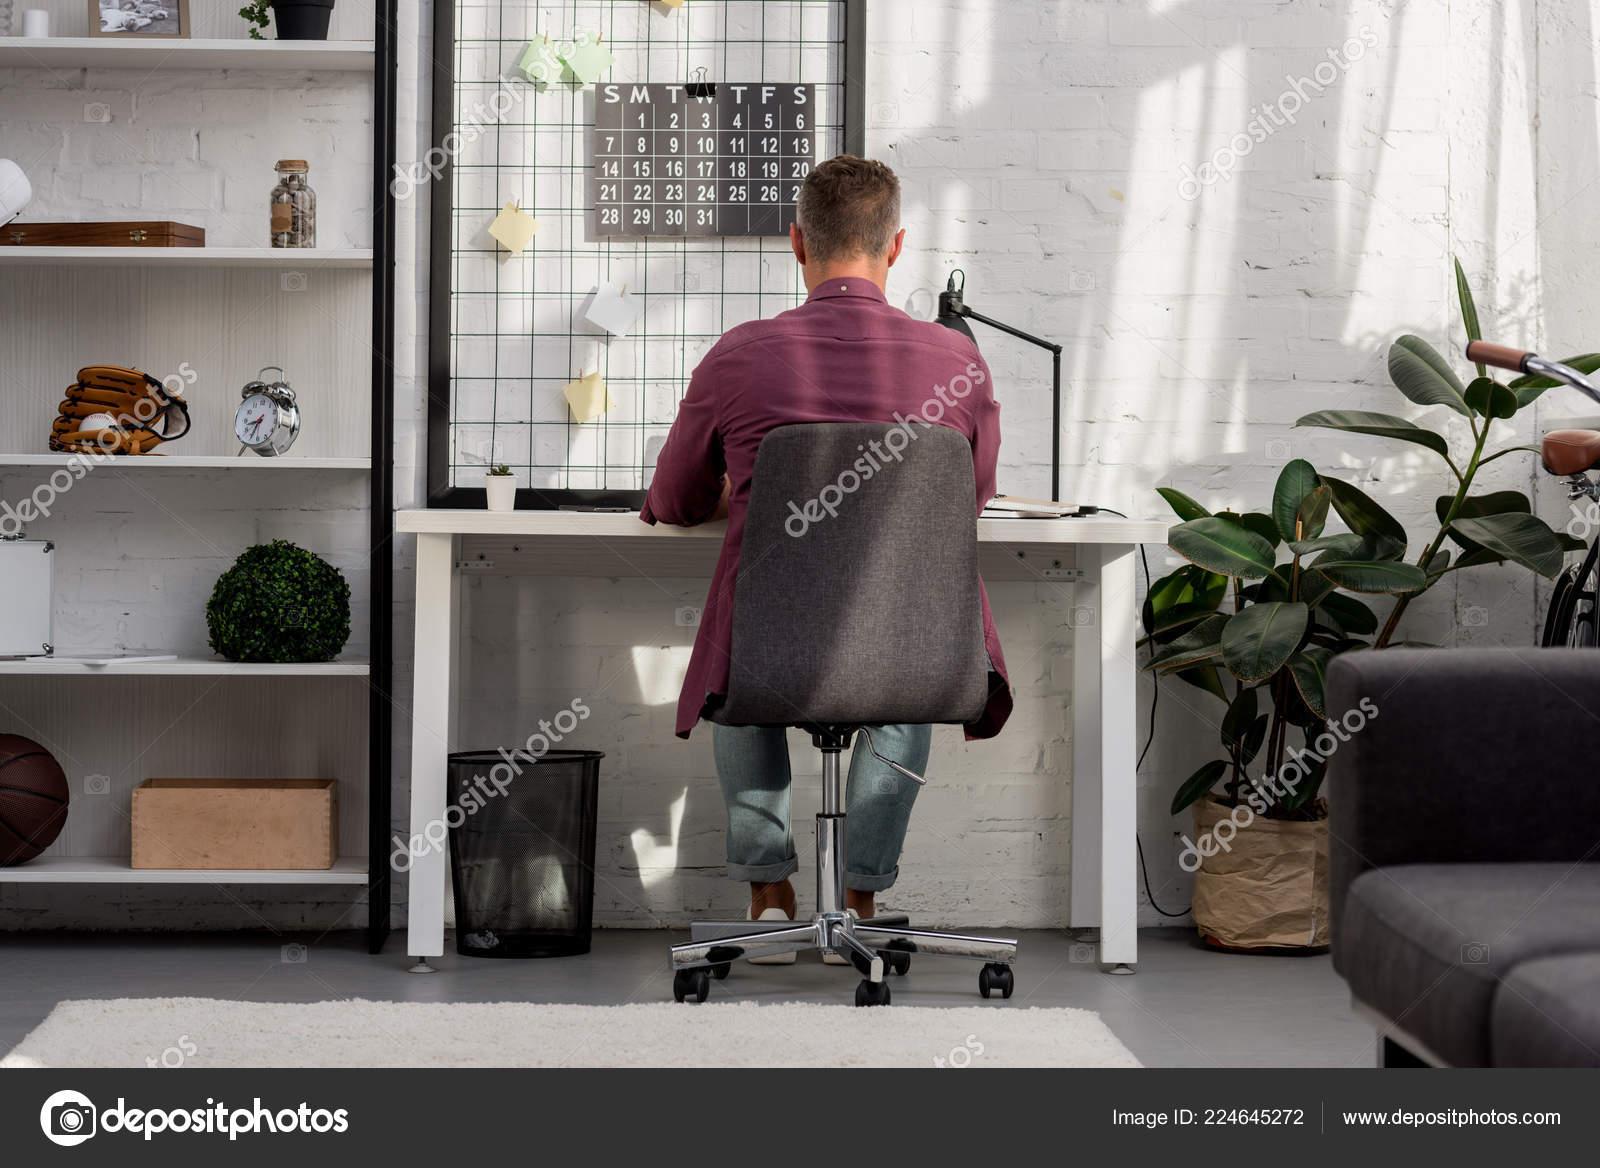 Ruckansicht Des Mann Auf Stuhl Sitzend Und Buro Hause Arbeiten